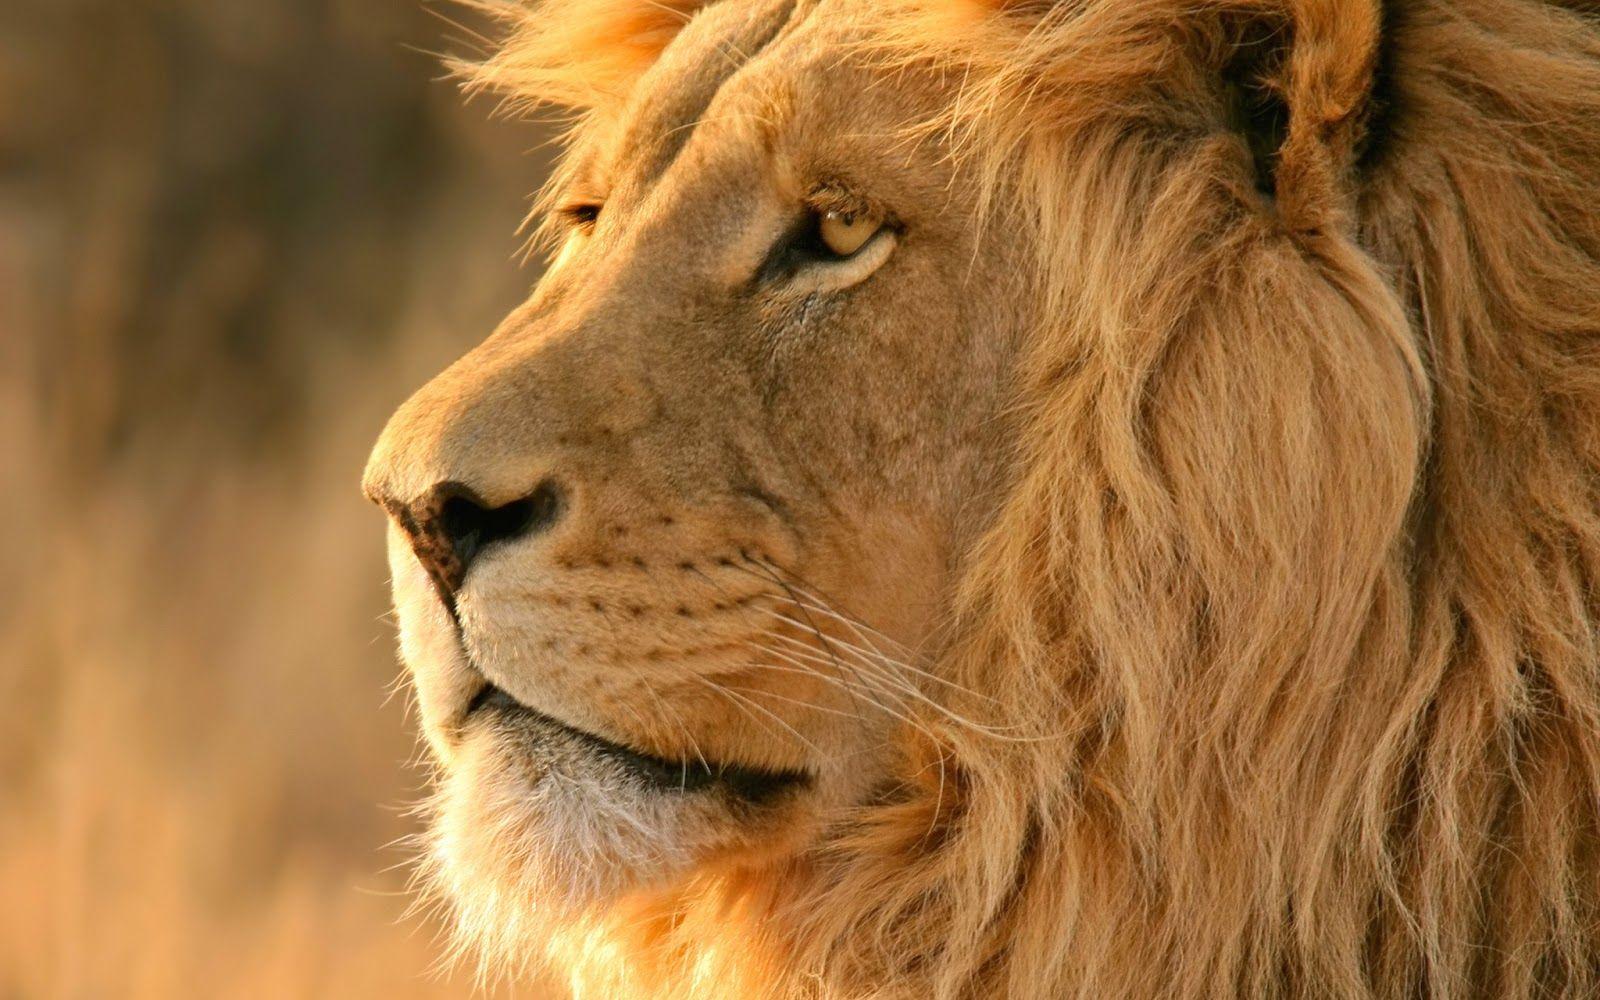 Lion Face Large Jpg 1 600 1 000 Pixels Lion Wallpaper Lion Pictures Lion Hd Wallpaper